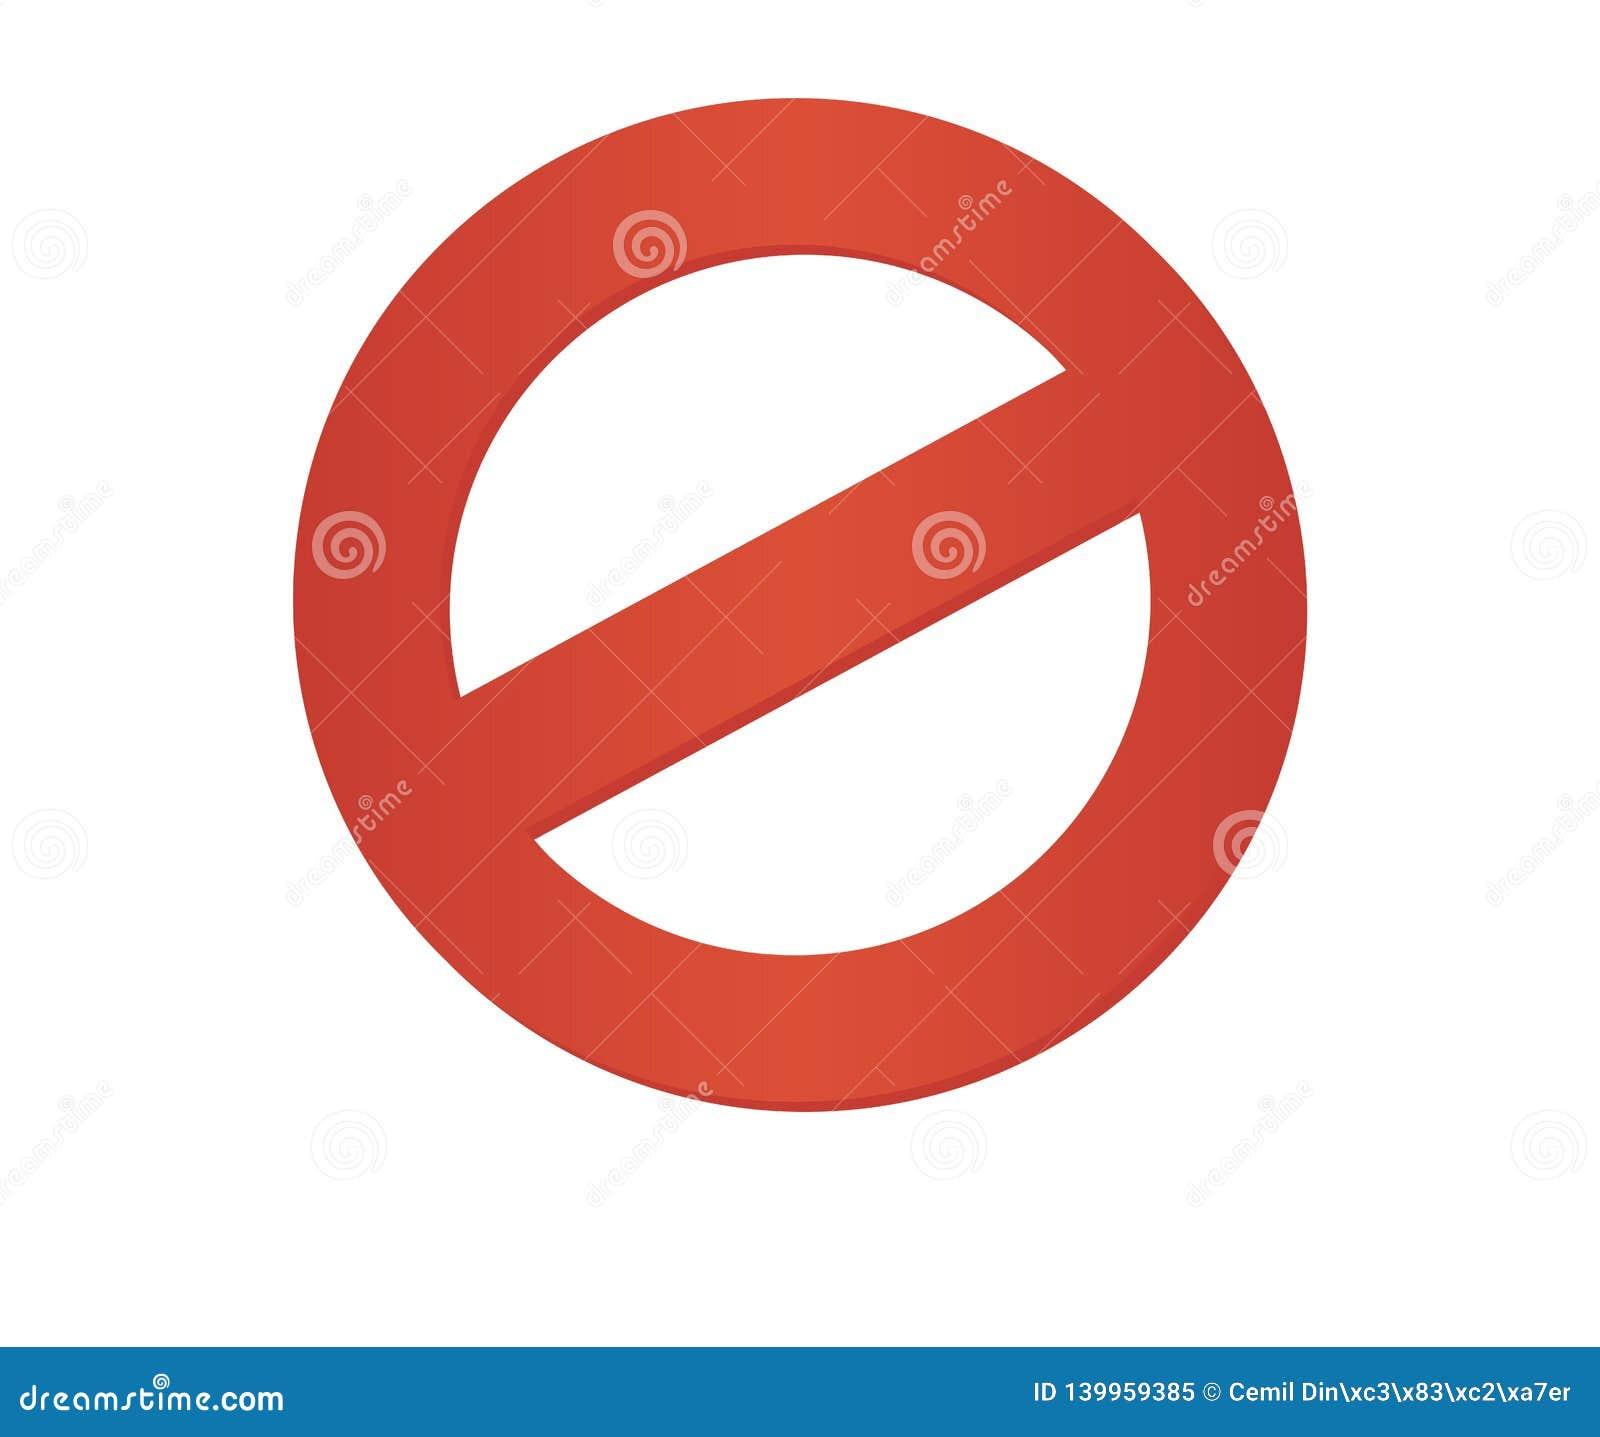 Do Not Enter Road Sign Sedan Red Cartoon Vector